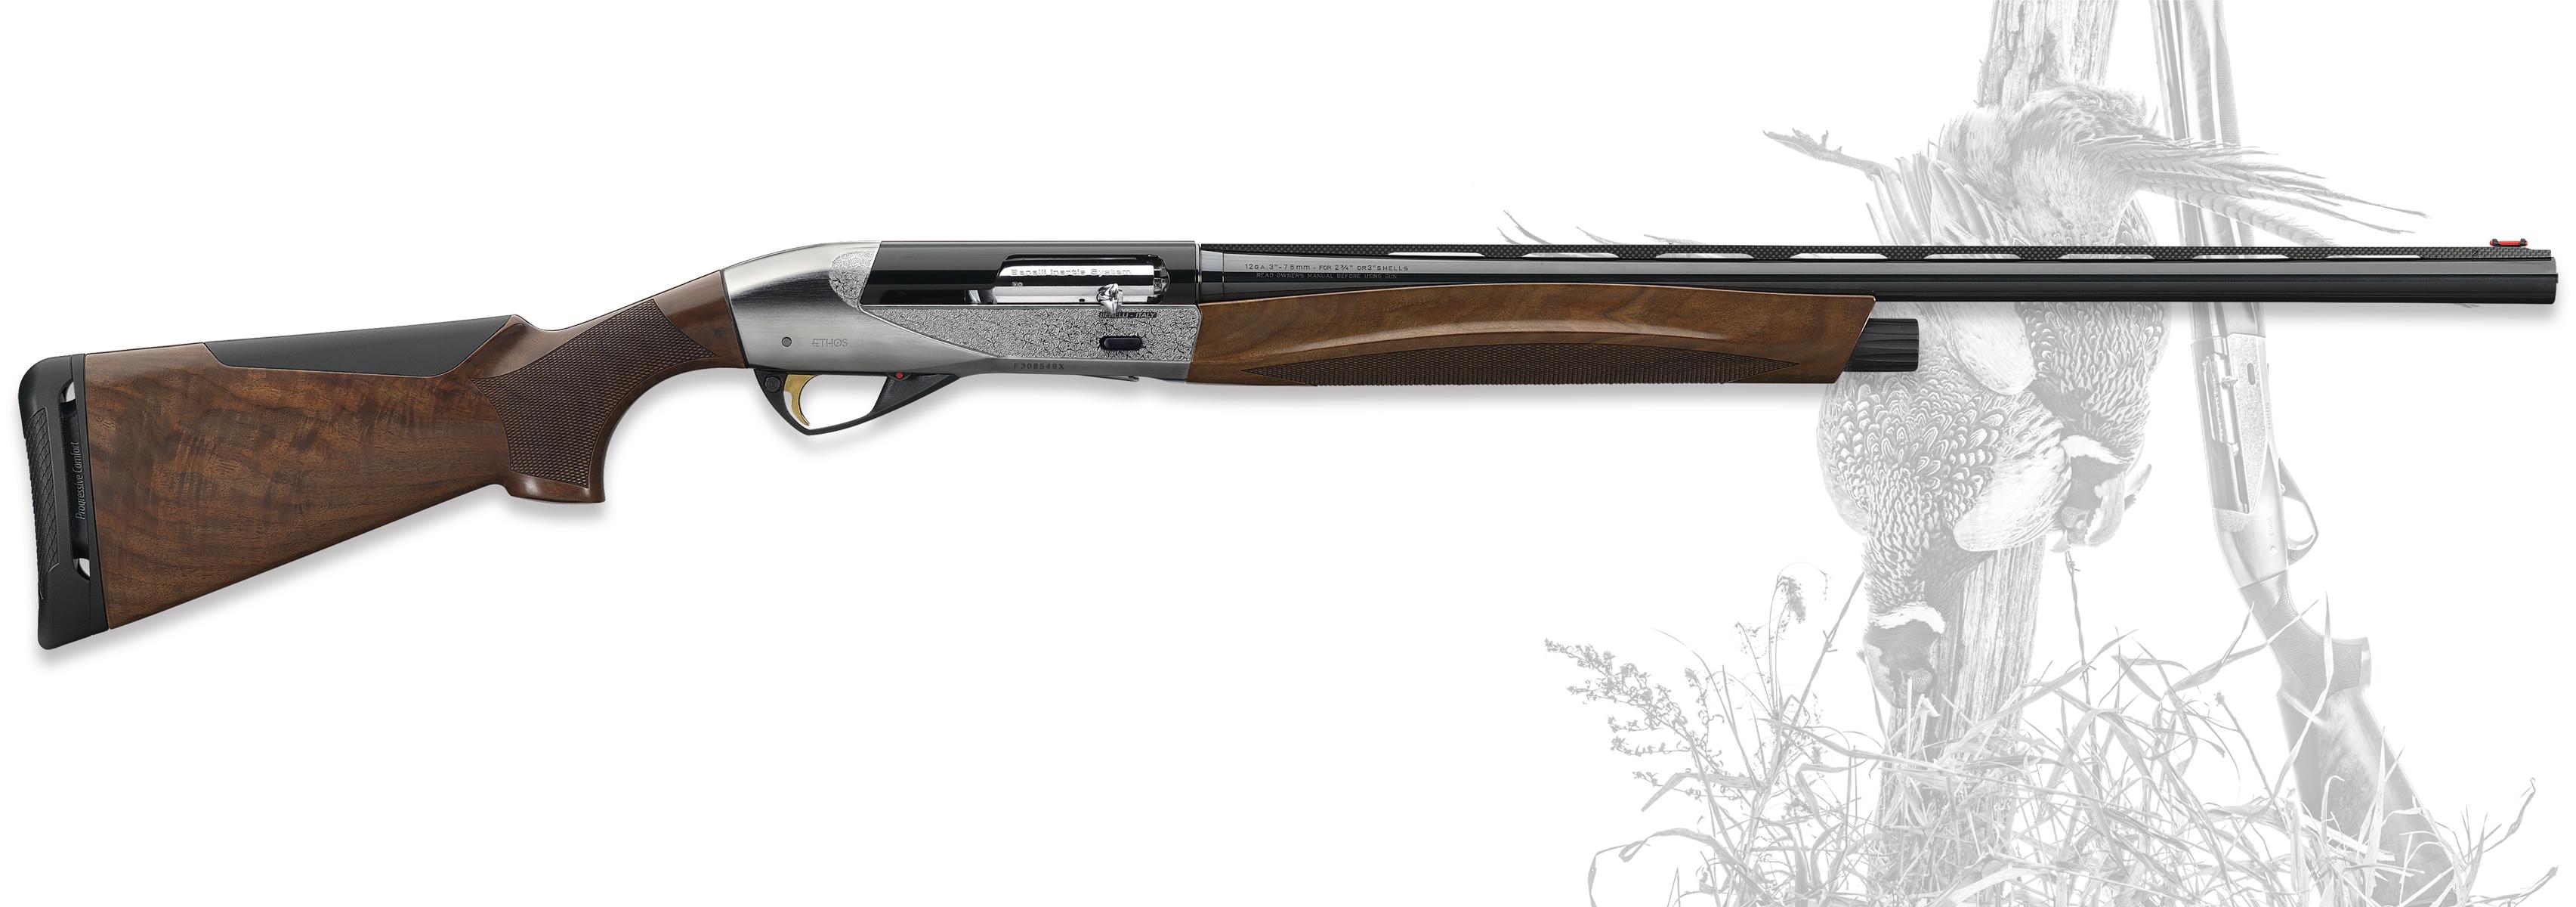 BENELLI ETHOS - гладкоствольное охотничье ружье Бенелли Этос 2013-2014